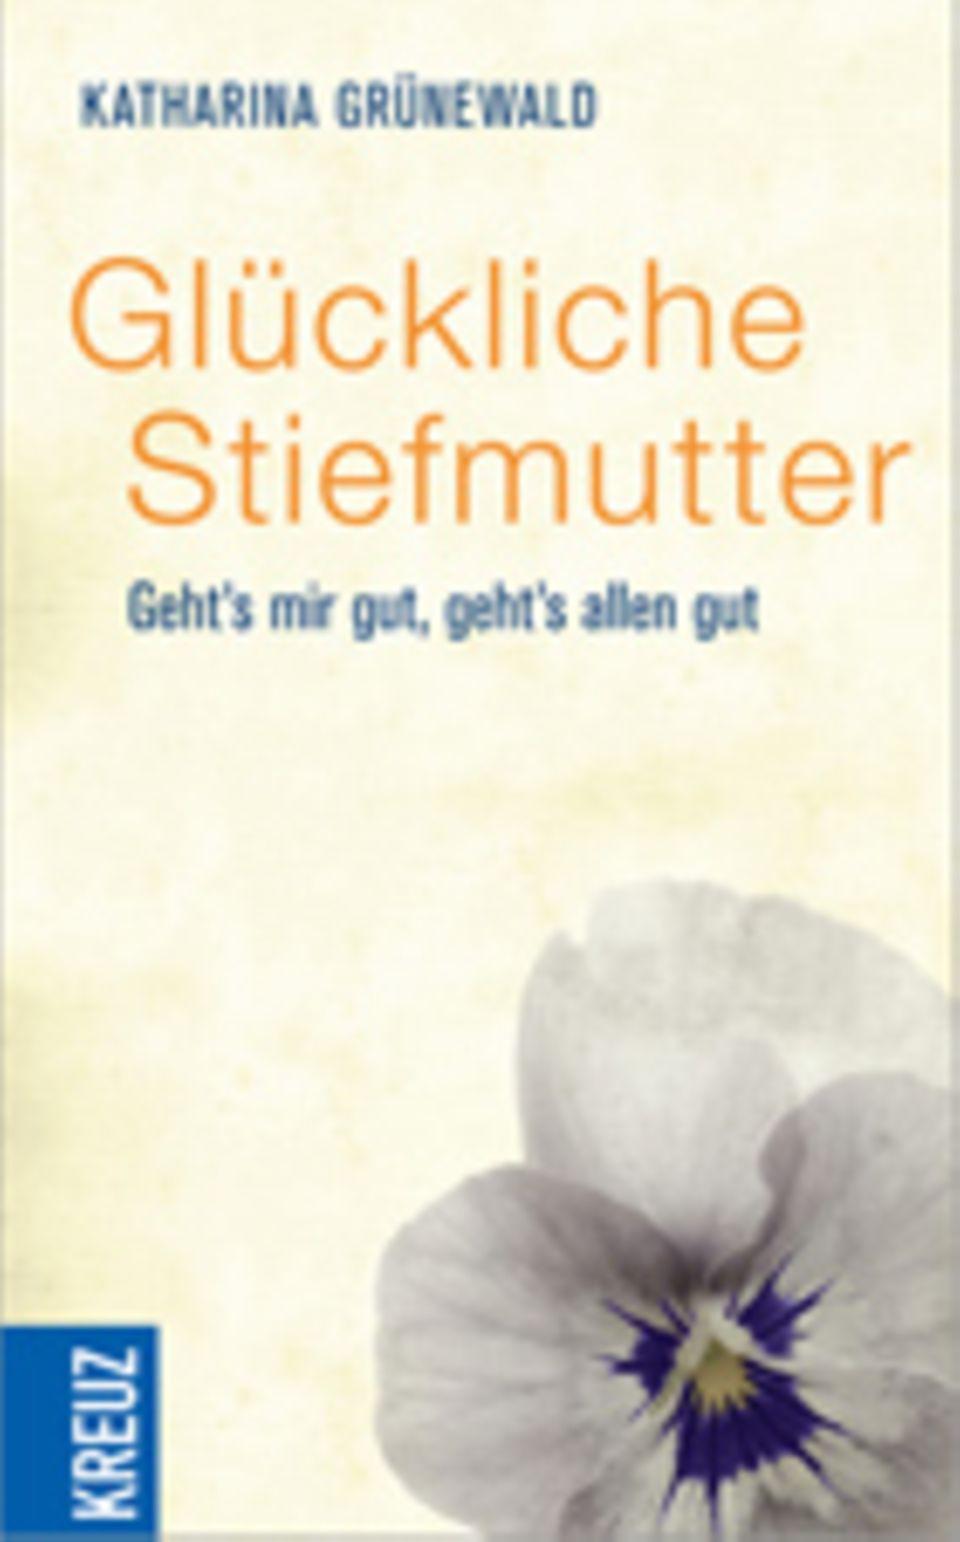 """Katharina Grünewalds Buch """"Glückliche Stiefmutter"""", Kreuz-Verlag, 192 S., 14,99 Euro. Erhältlich zum Beispiel über Amazon"""